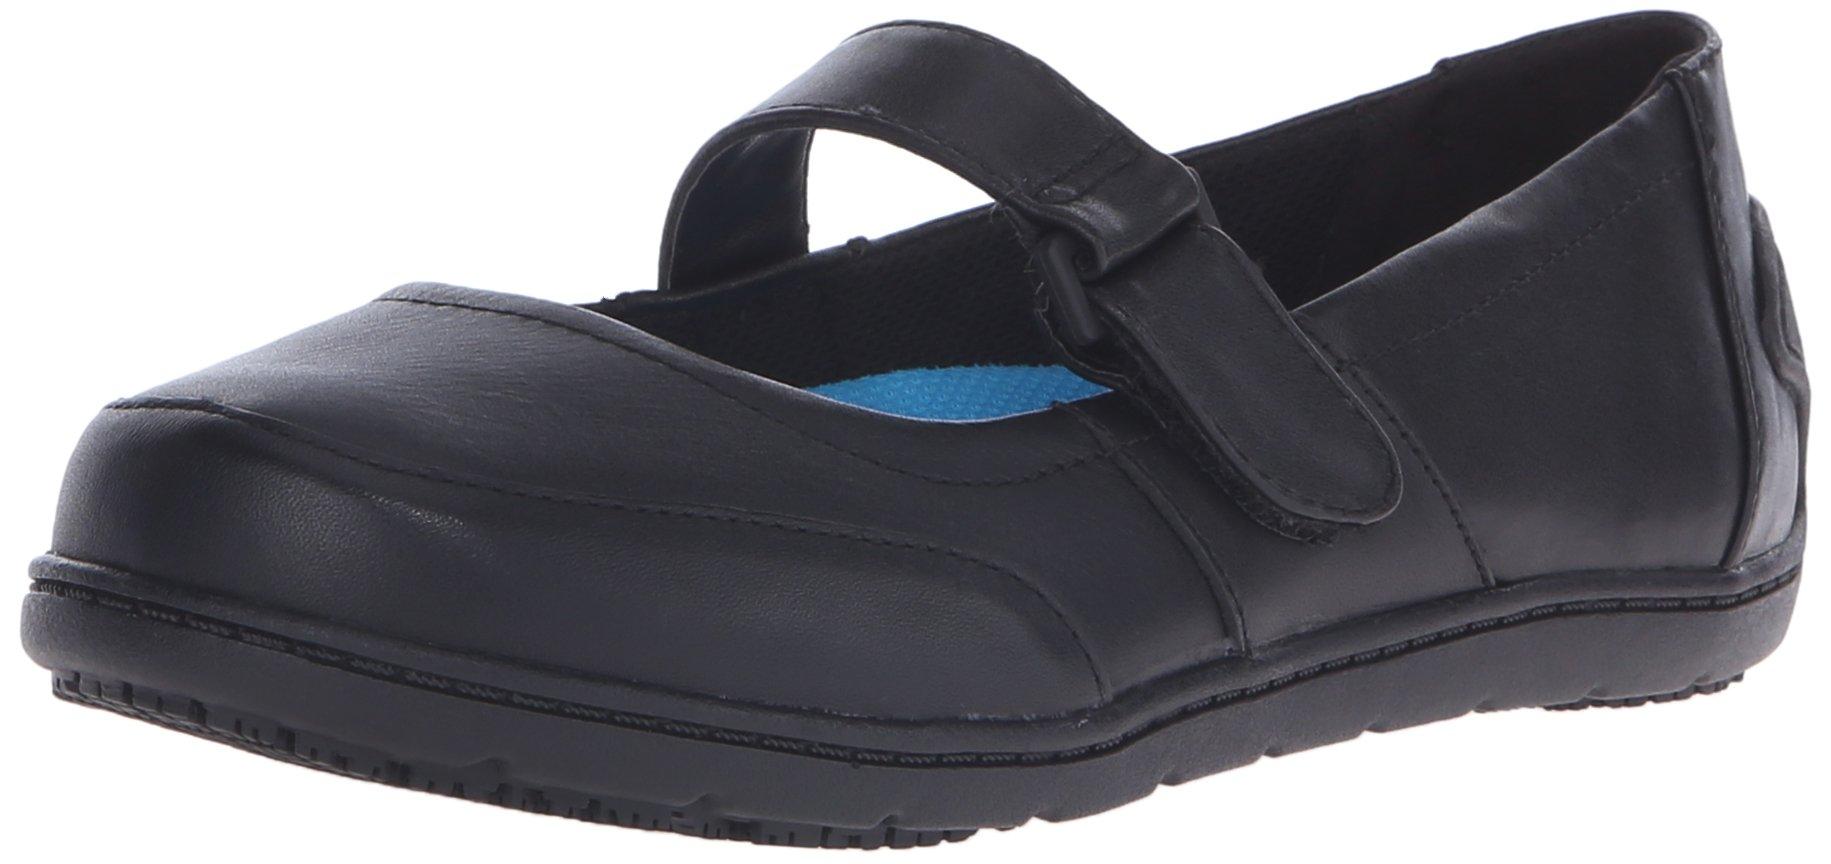 Dr. Scholl's Women's Hesper Slip-Resistant Mary Jane, Black, 7.5 M US